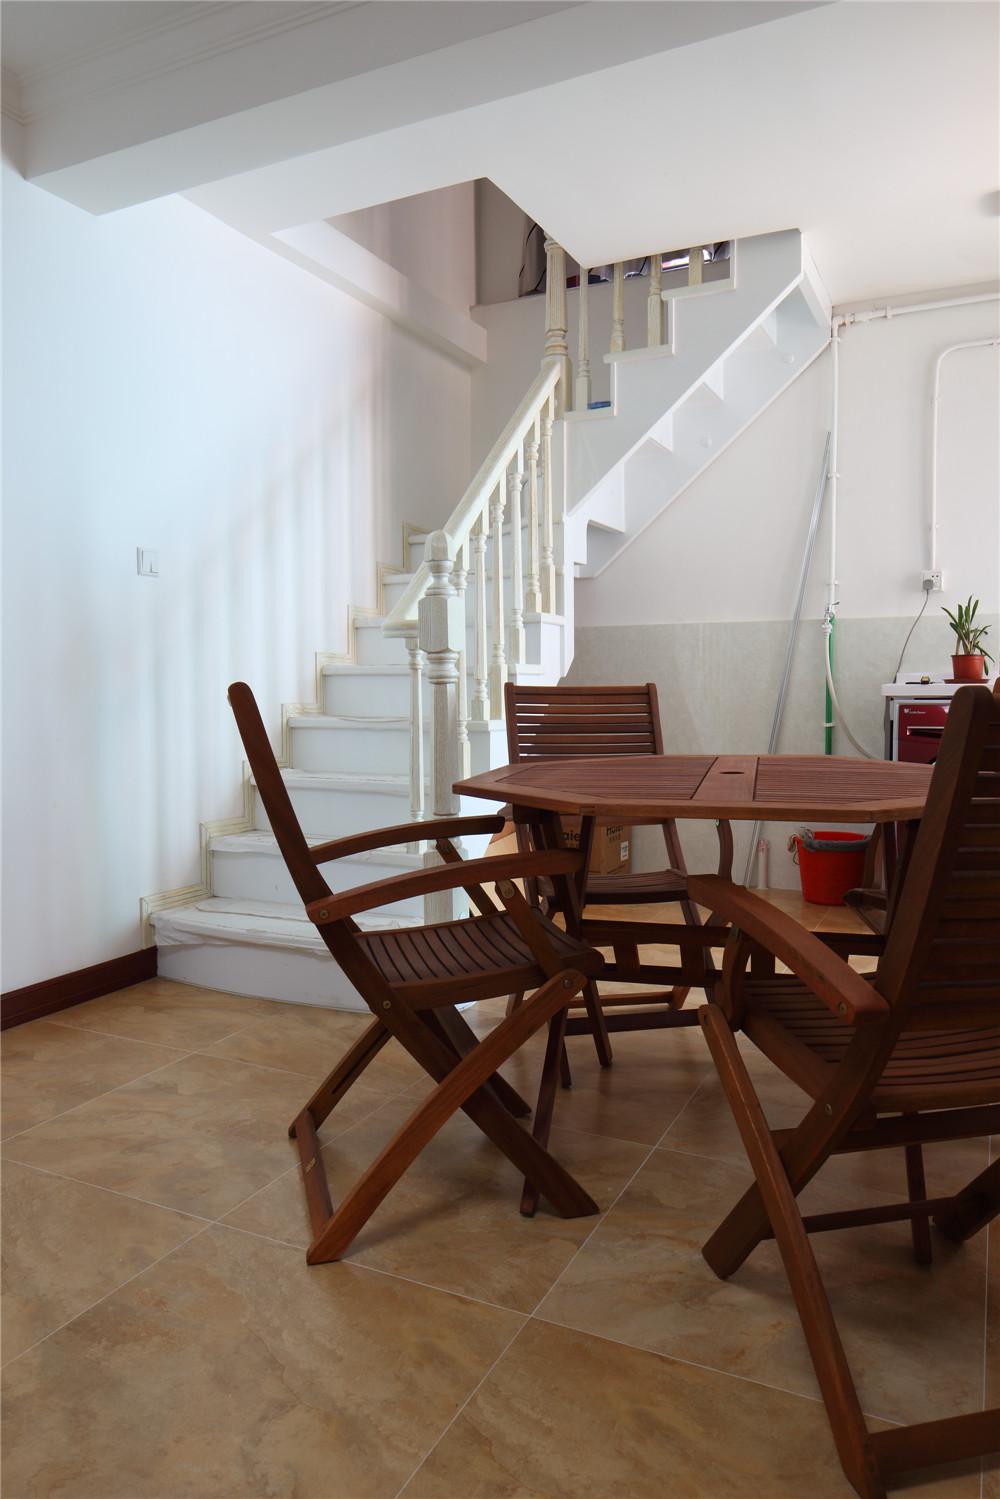 宝宸怡景园 餐厅图片来自jtong0002在宝宸怡景园别墅户型装修实景展示的分享